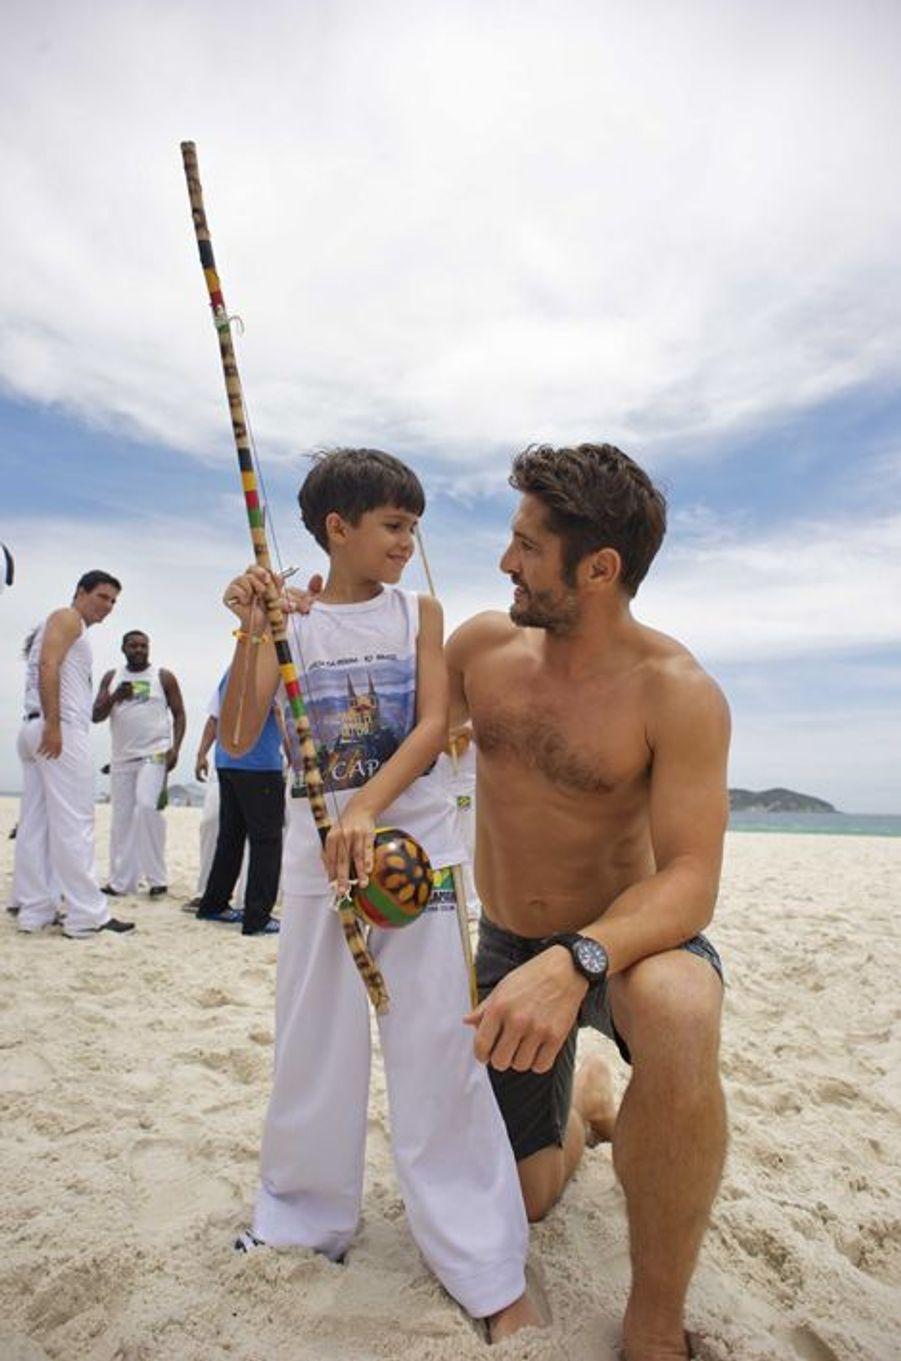 Découverte de la Capoeira à sa source pour Bixente Lizarazu